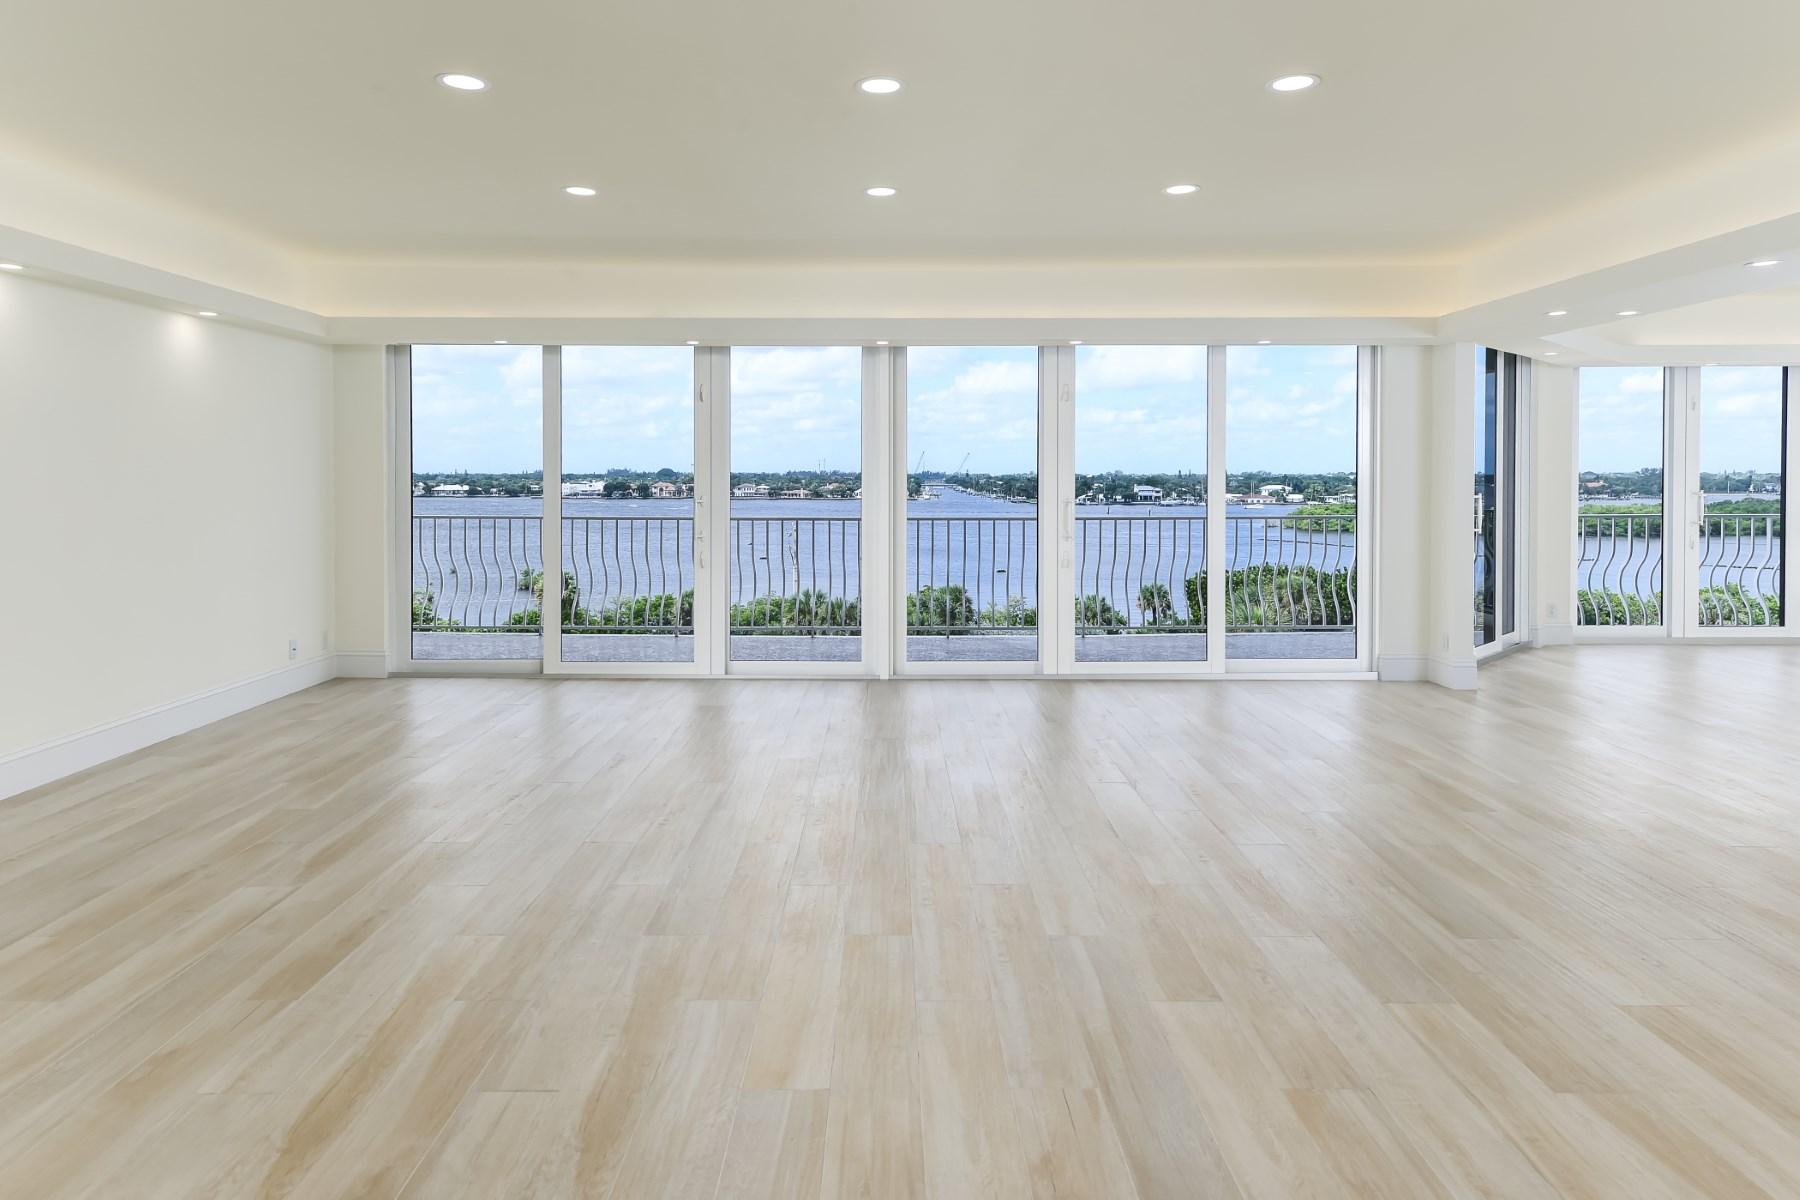 Eigentumswohnung für Verkauf beim Stunning Sloan's Curve 2000 S Ocean Blvd 405S Palm Beach, Florida, 33480 Vereinigte Staaten